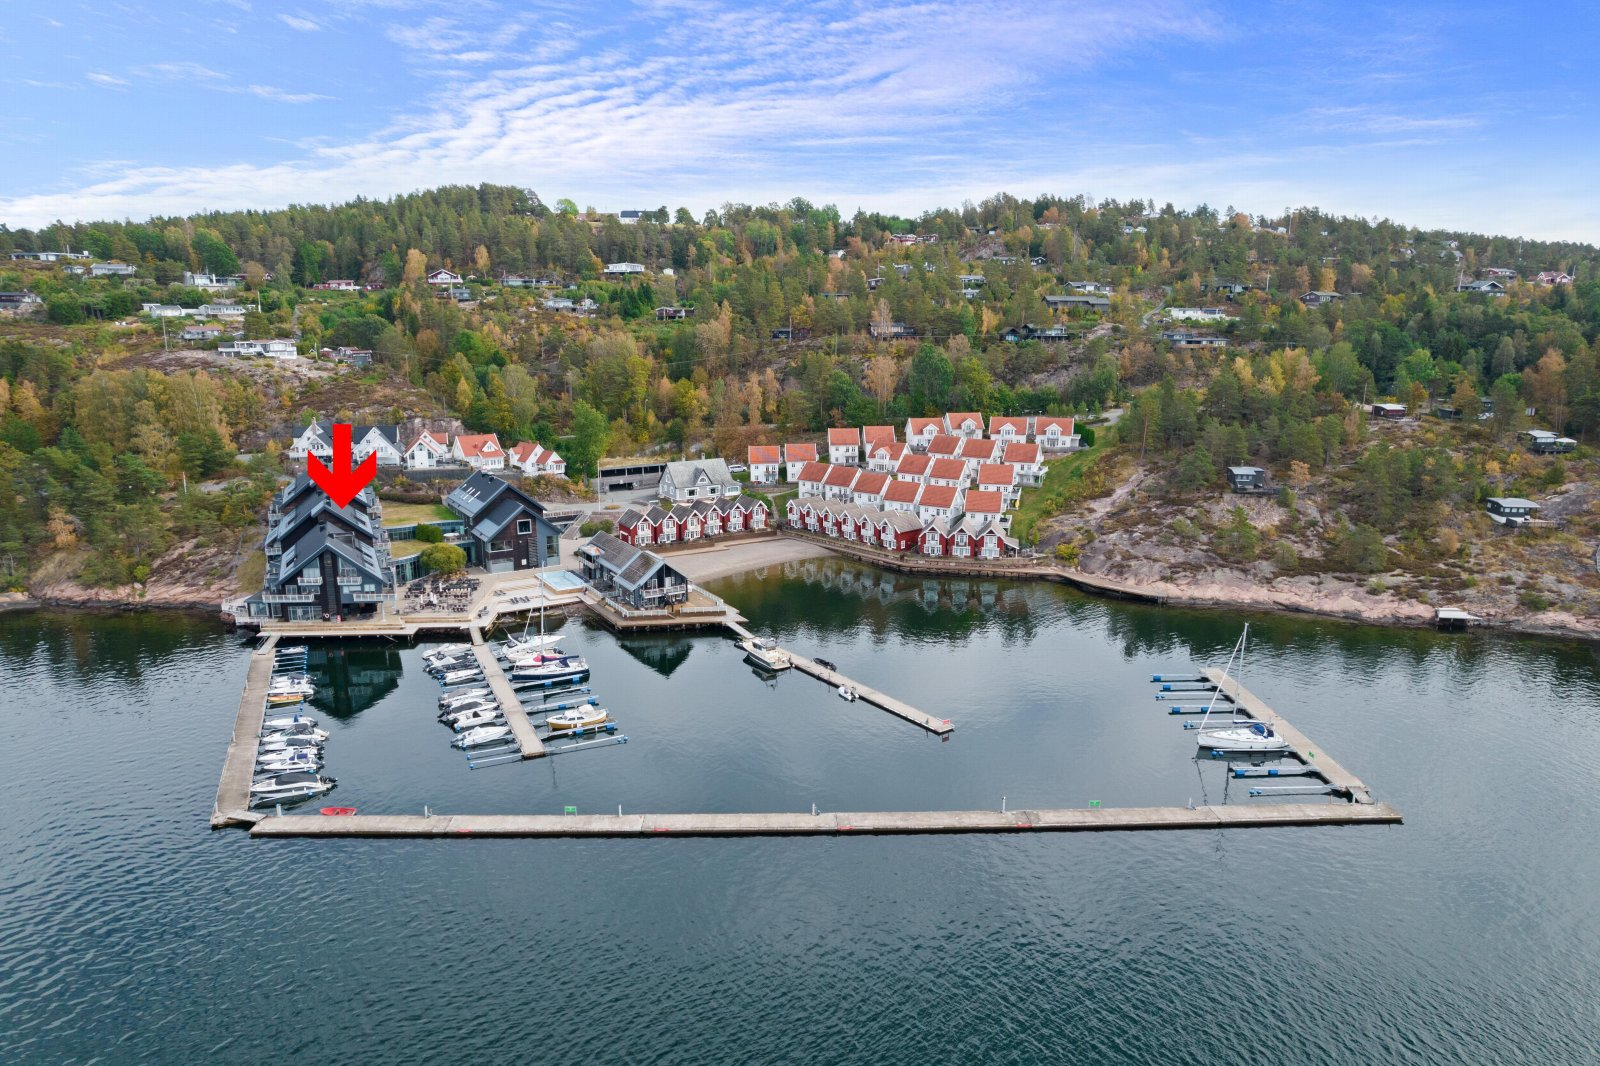 Leiligheten ligger på Holtnes brygge med flotte fellesarealer og mulighet for leie båtplass